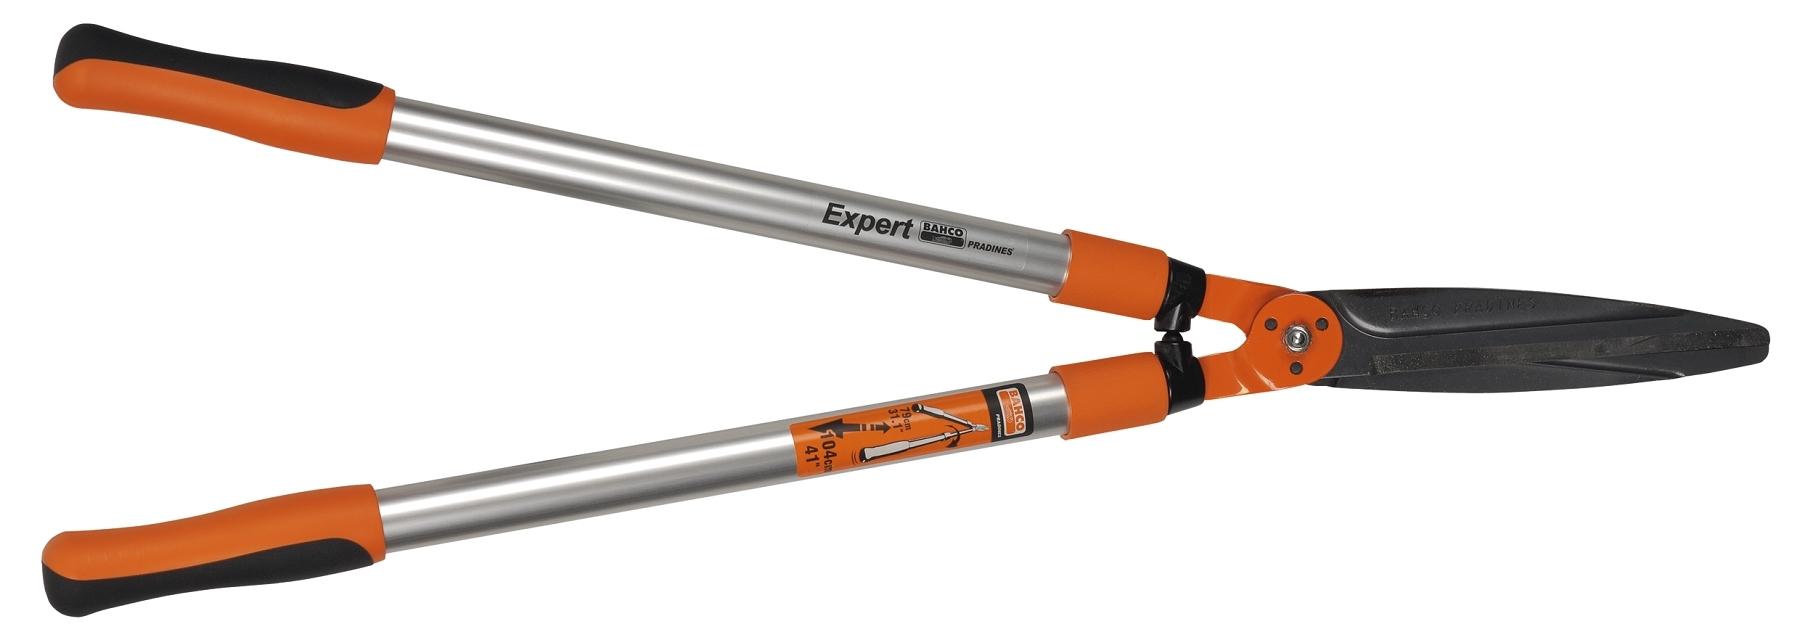 Outils de jardin les outils de taille - Cisaille electrique pour jardin ...